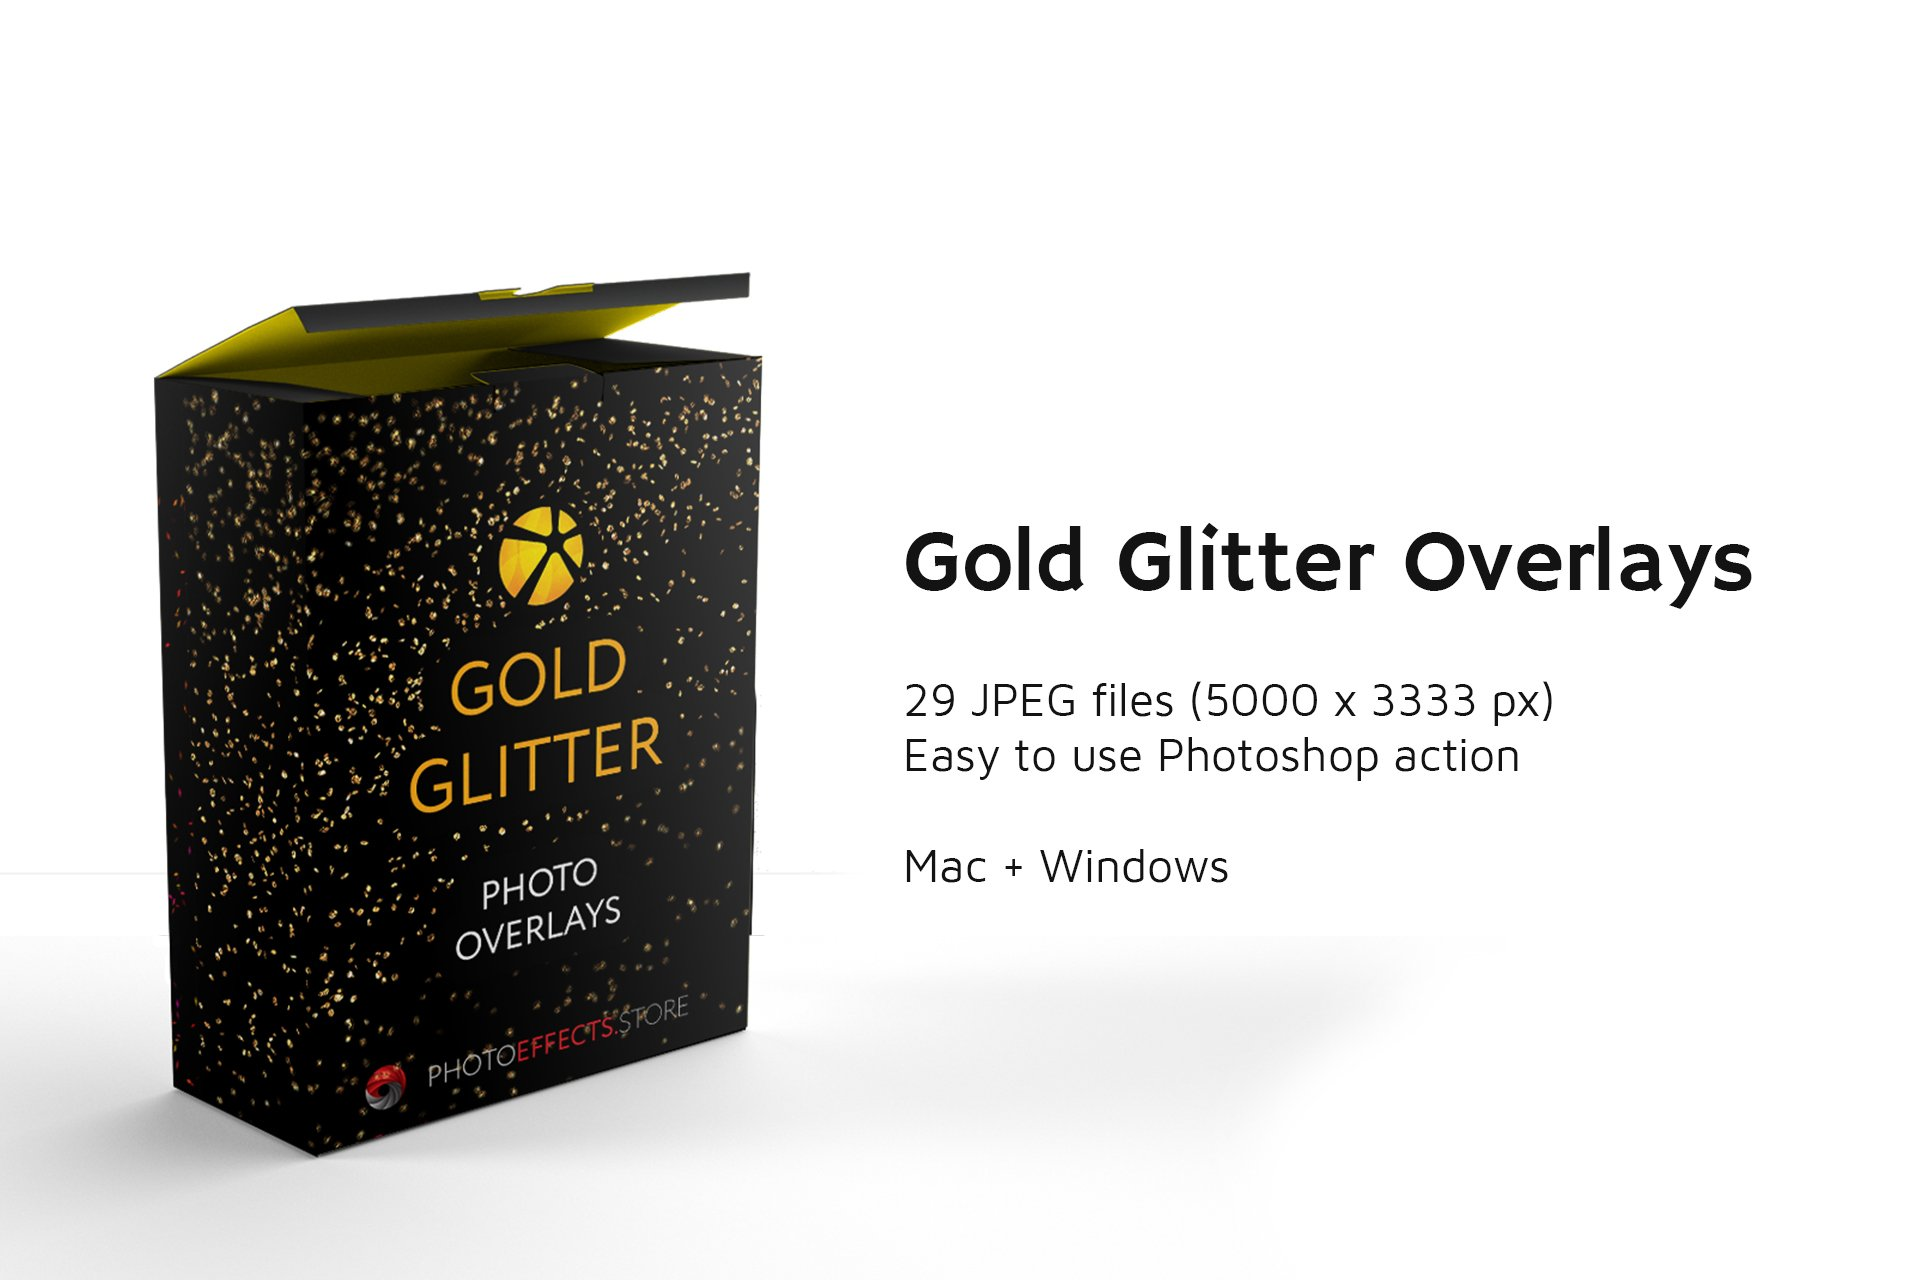 33款高清吹闪光照片叠加层JPG图片素材29 Blowing Glitter Photo Overlays插图(1)